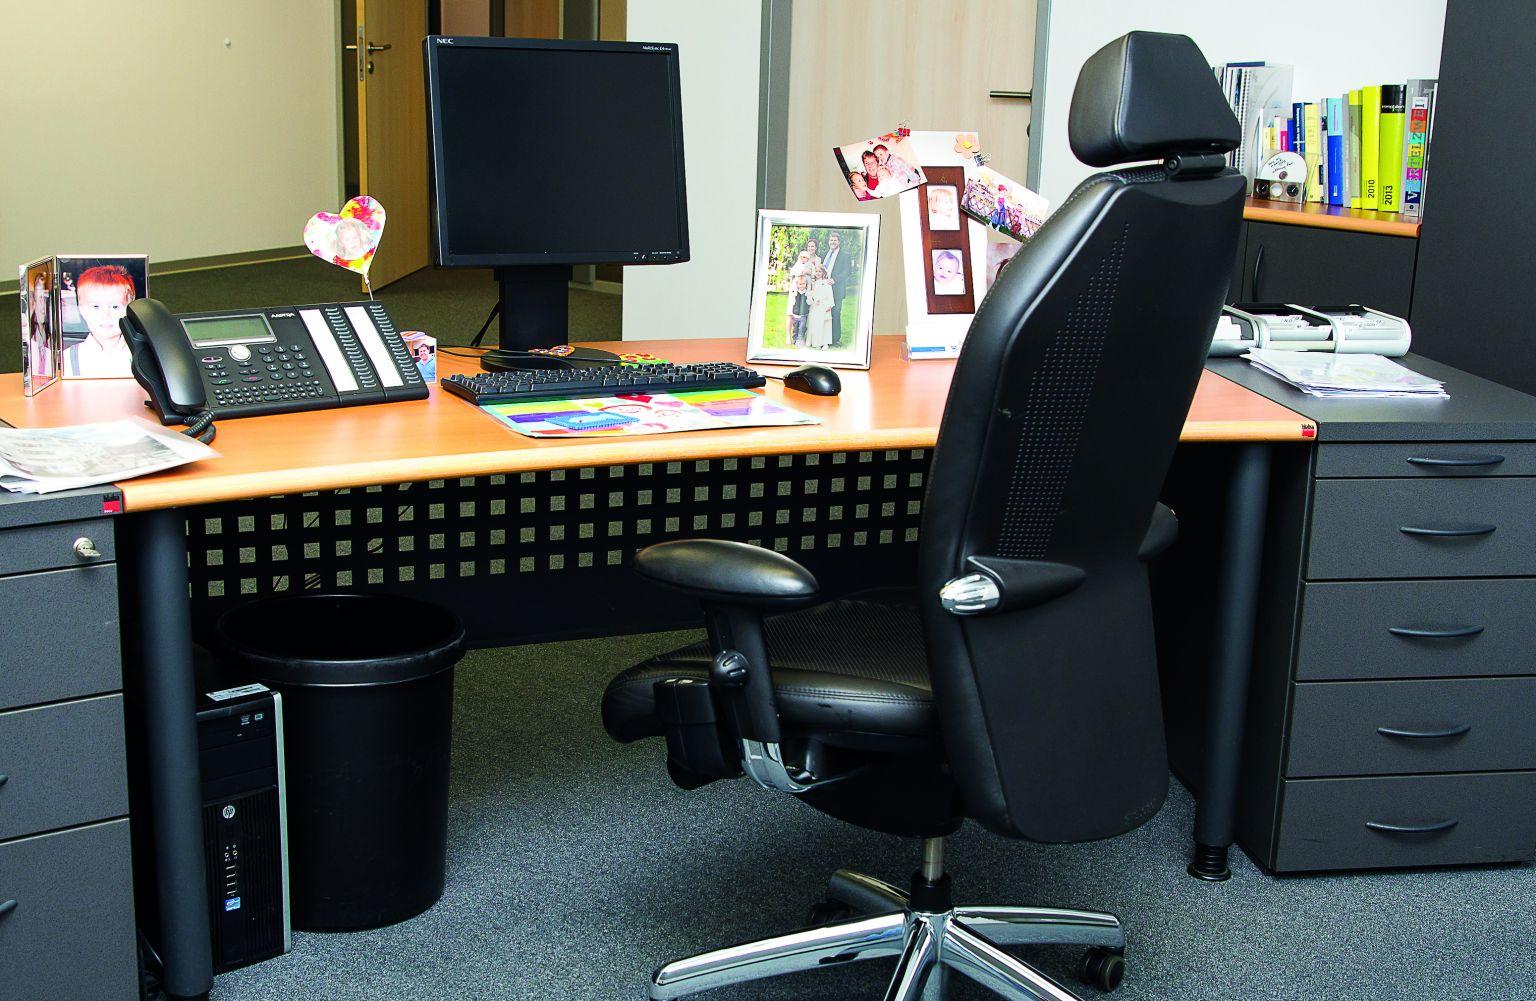 Der Schreibtisch von...Michael Ehlmaier